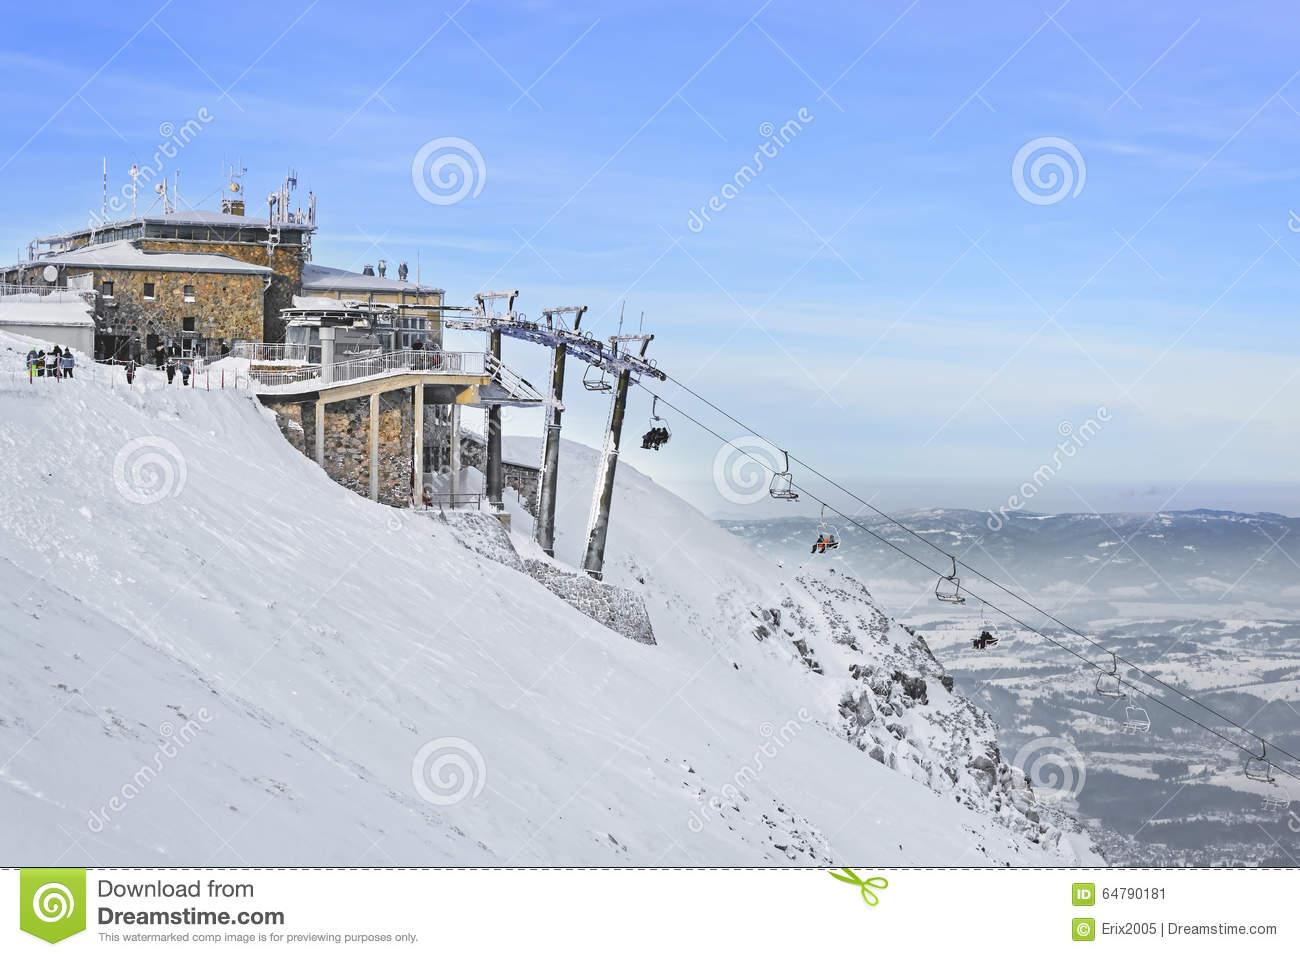 Chair Lifts In Kasprowy Wierch Mountain In Zakopane In Winter.